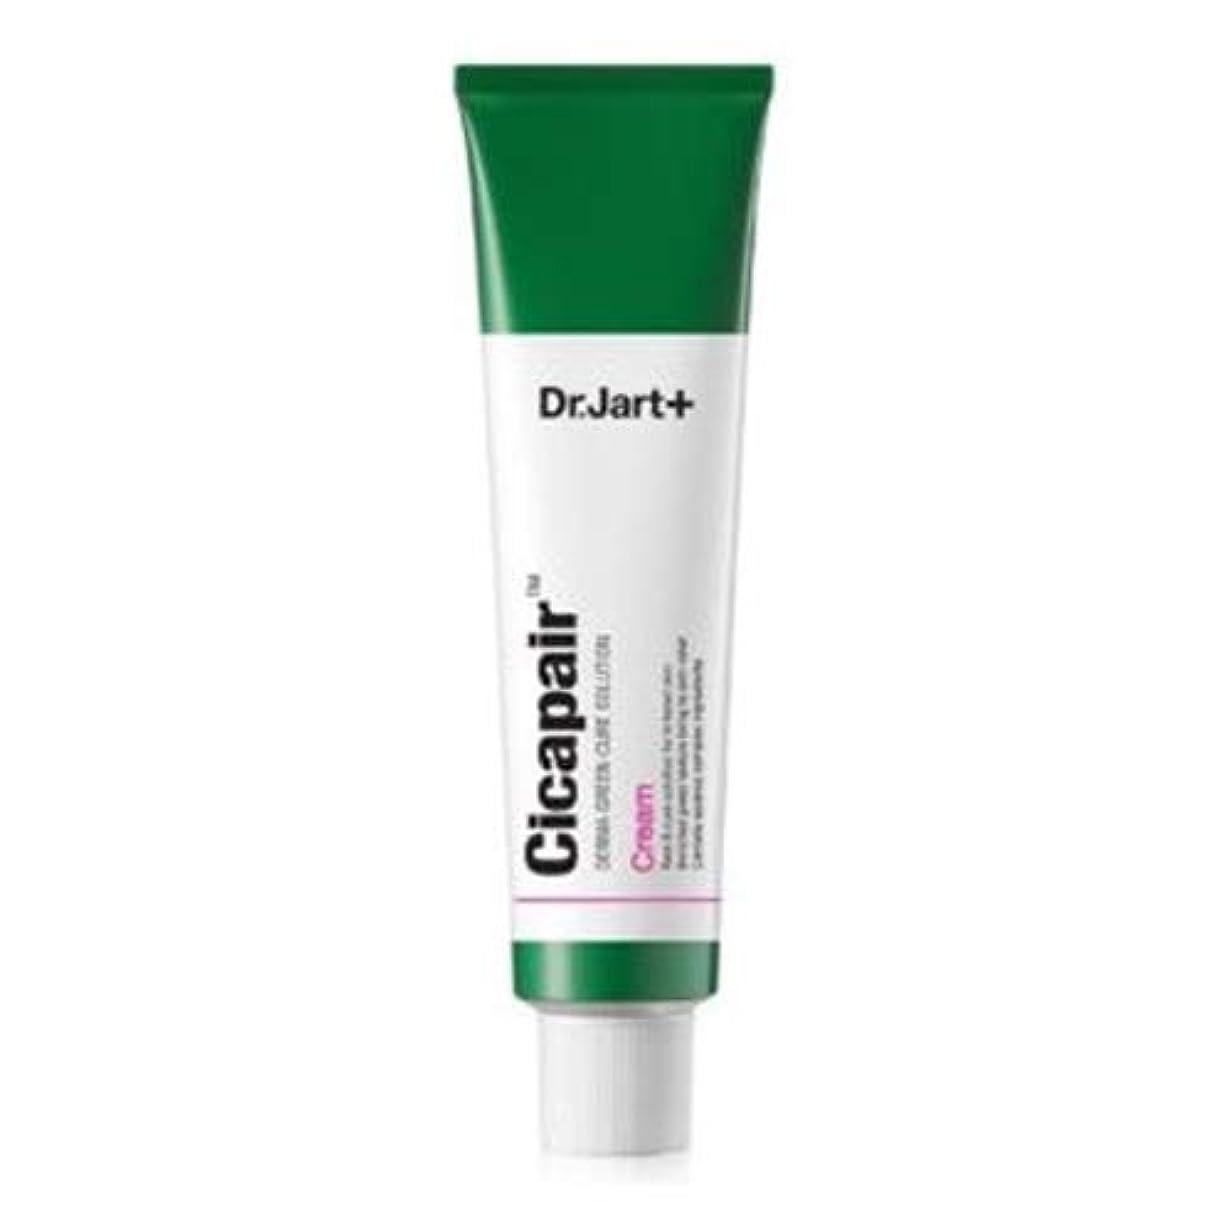 パン寛大さ対話[Dr.Jart+ Cicapair Cream + ReCover] ドクタージャルトシカペアクリーム50mlとリカバーセット韓国直送 [並行輸入品]